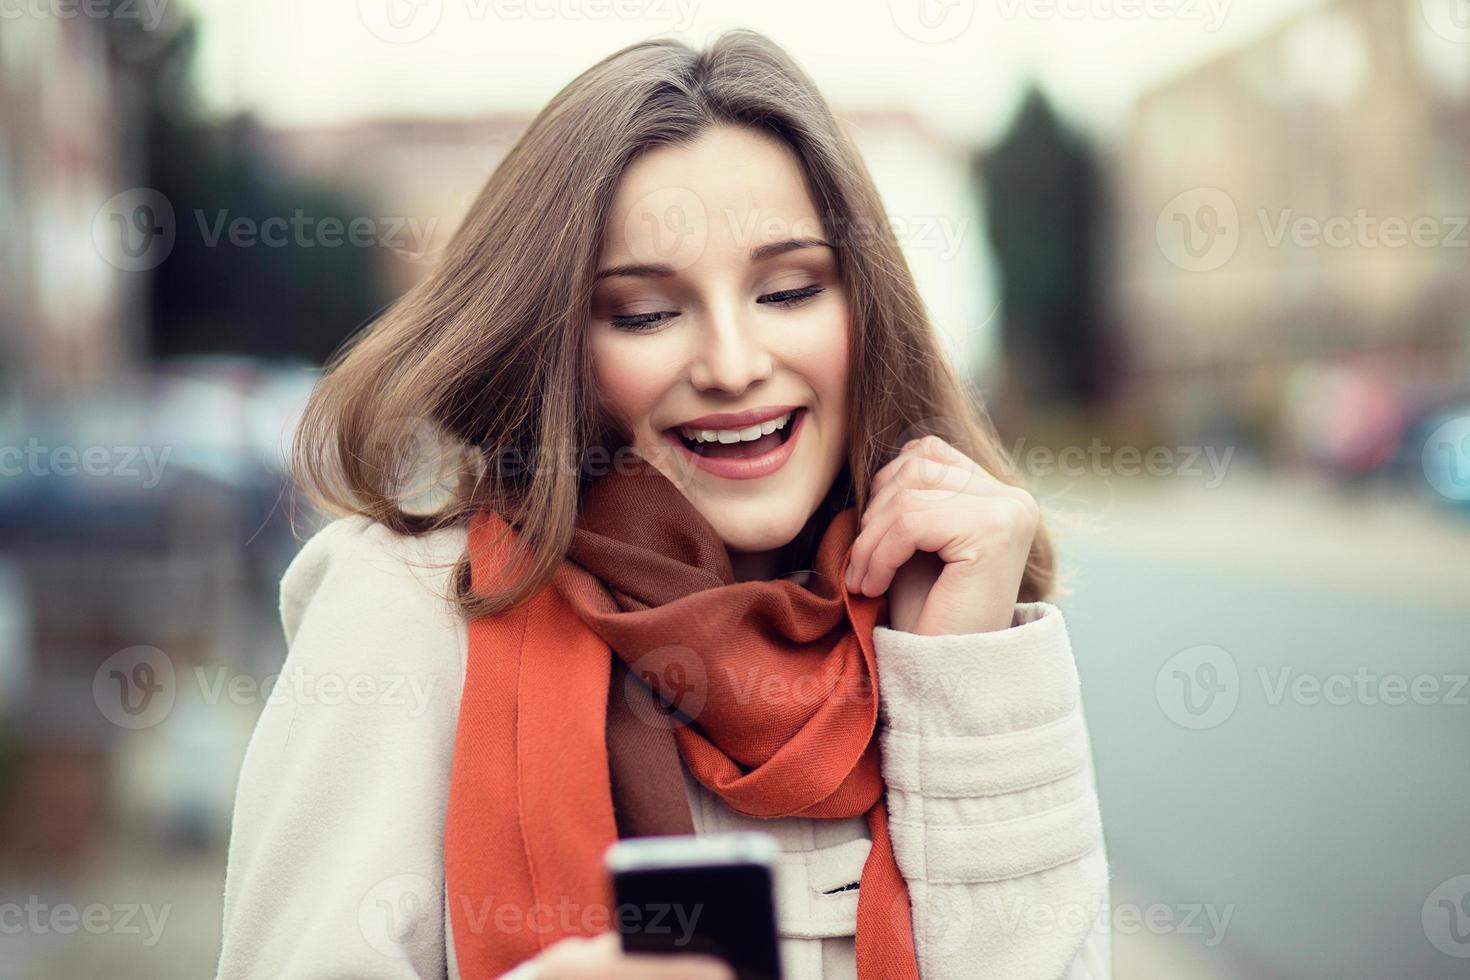 mensagens de mulher. closeup jovem feliz sorridente alegre mulher bonita menina olhando para celular móvel lendo envio sms isolado cityscape ao ar livre fundo. expressão positiva do rosto emoção humana. multicultural, raça mista, modelo russo asiático foto